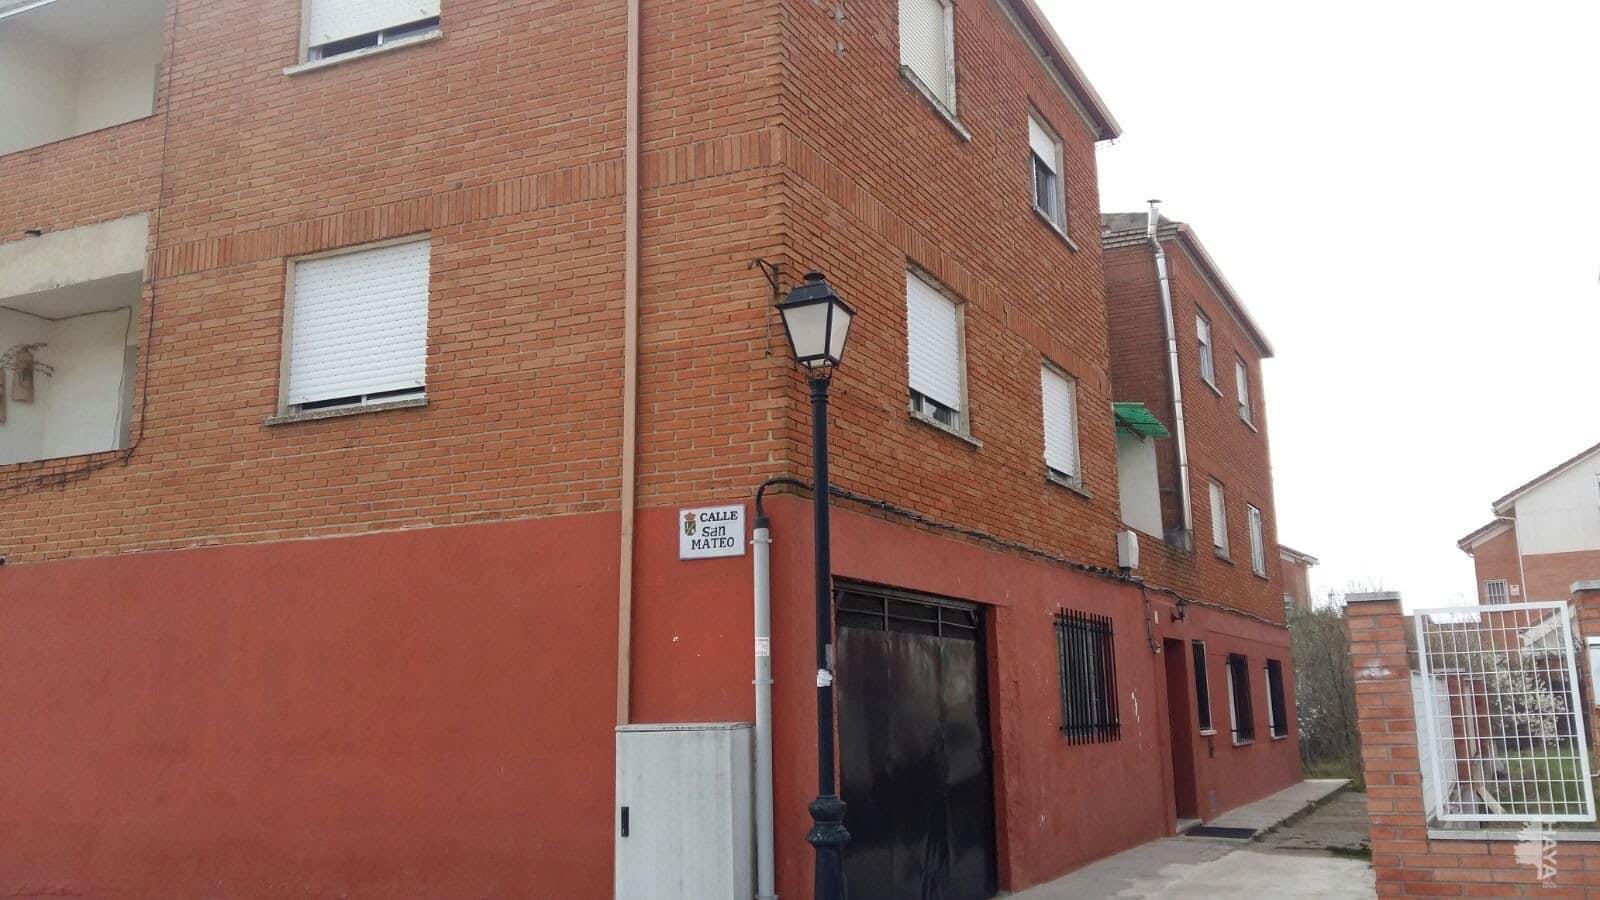 Piso en venta en Pozo de Guadalajara, Guadalajara, Calle San Mateo, 44.321 €, 3 habitaciones, 1 baño, 75 m2